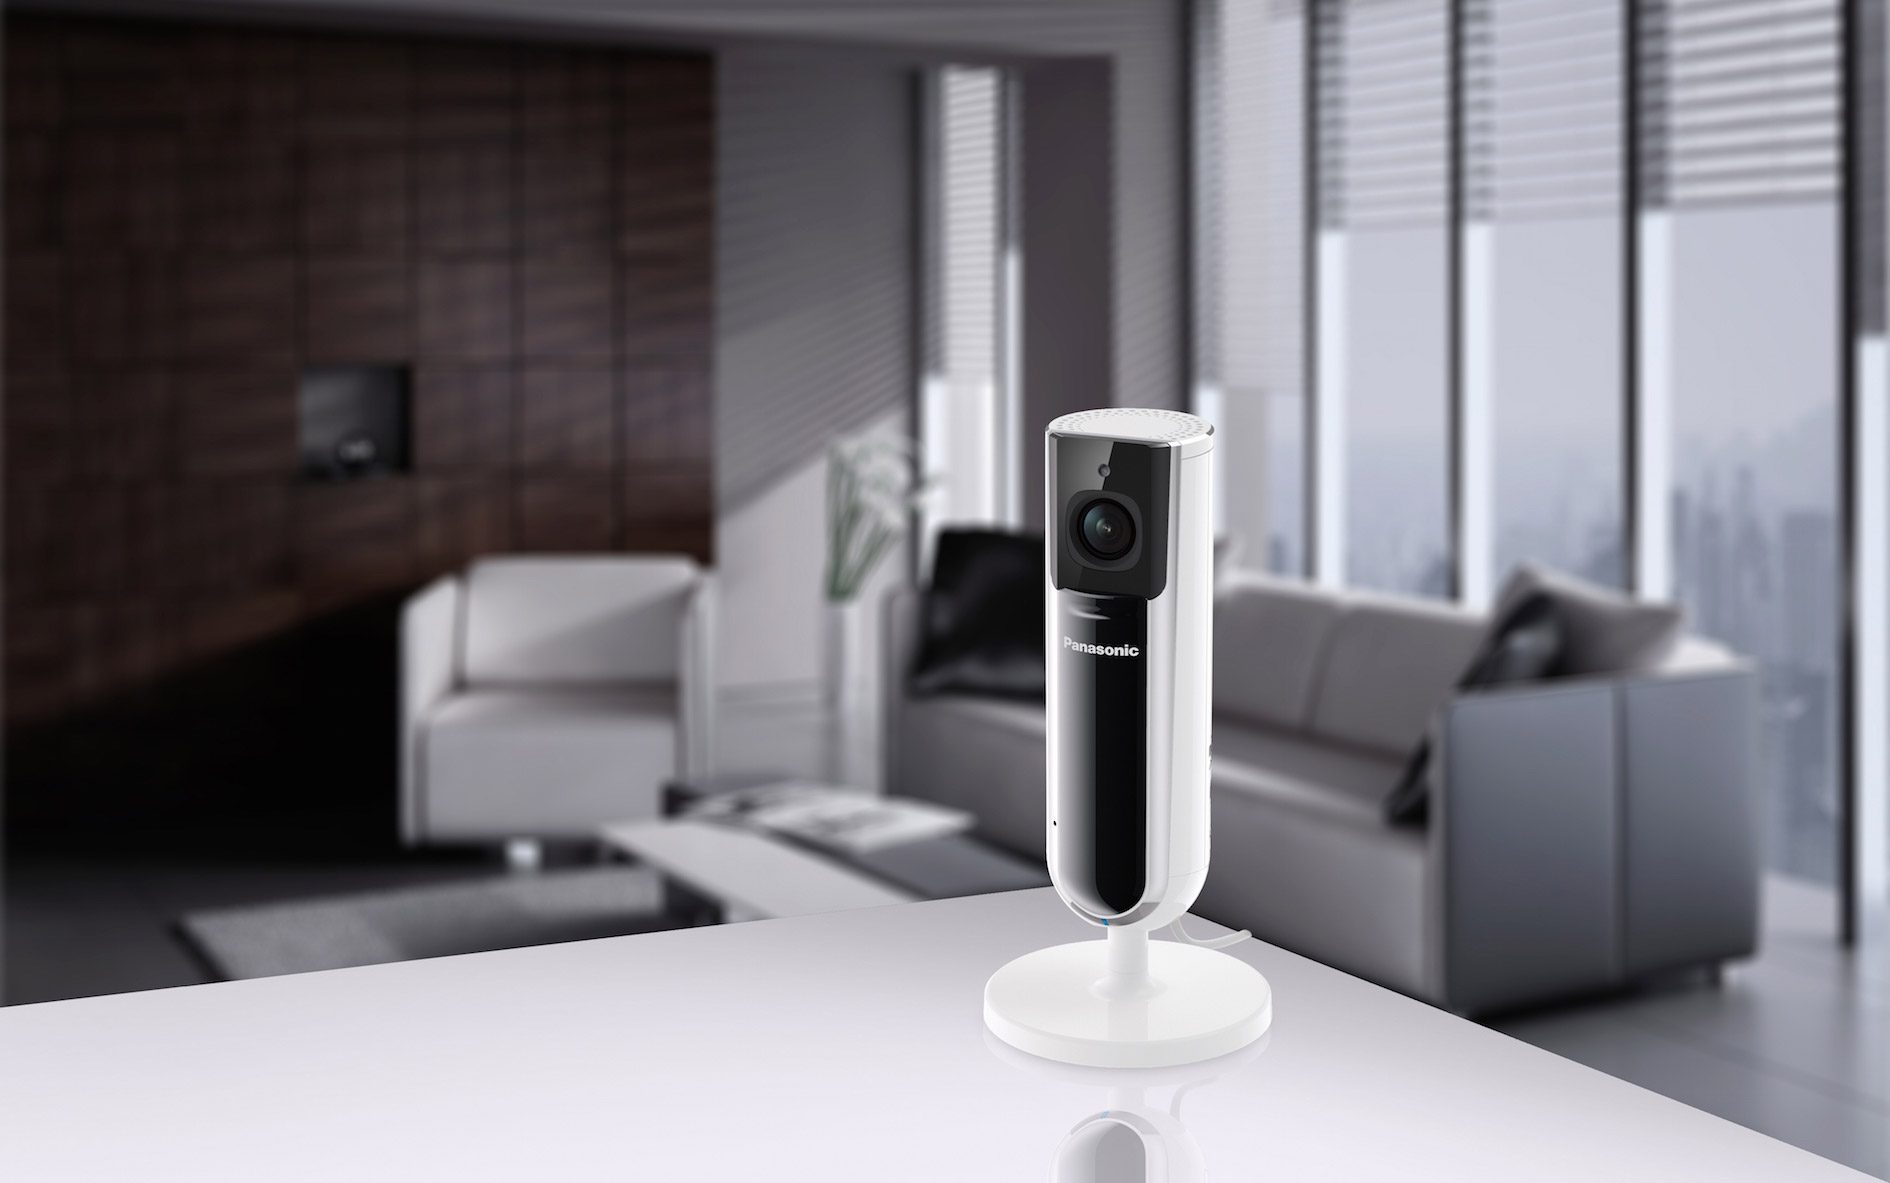 Panasonic Full HD Kamera KX-HNC800 - Sicherheit in den eigenen vier Wänden